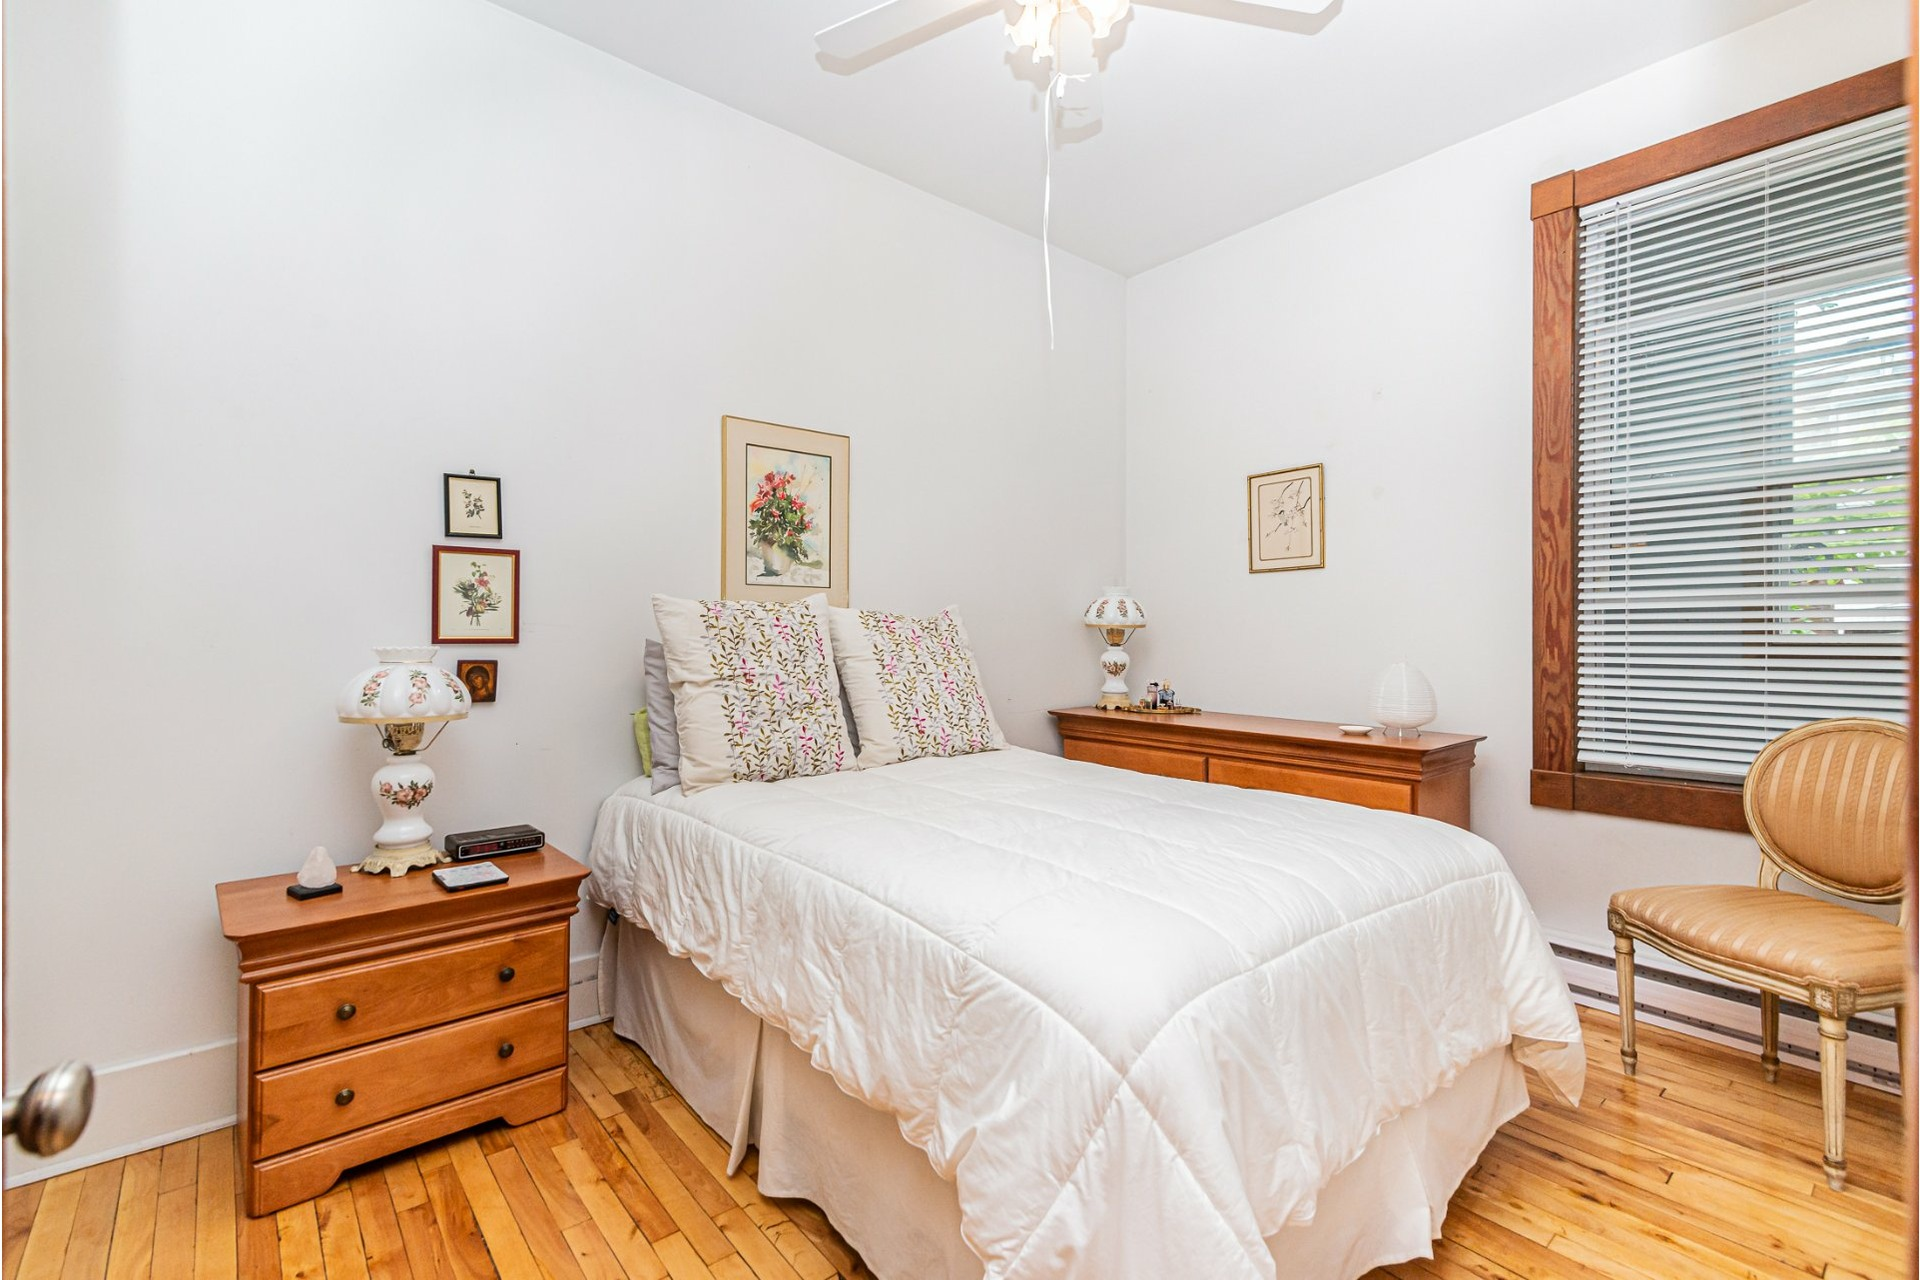 image 40 - Duplex À vendre Côte-des-Neiges/Notre-Dame-de-Grâce Montréal  - 5 pièces